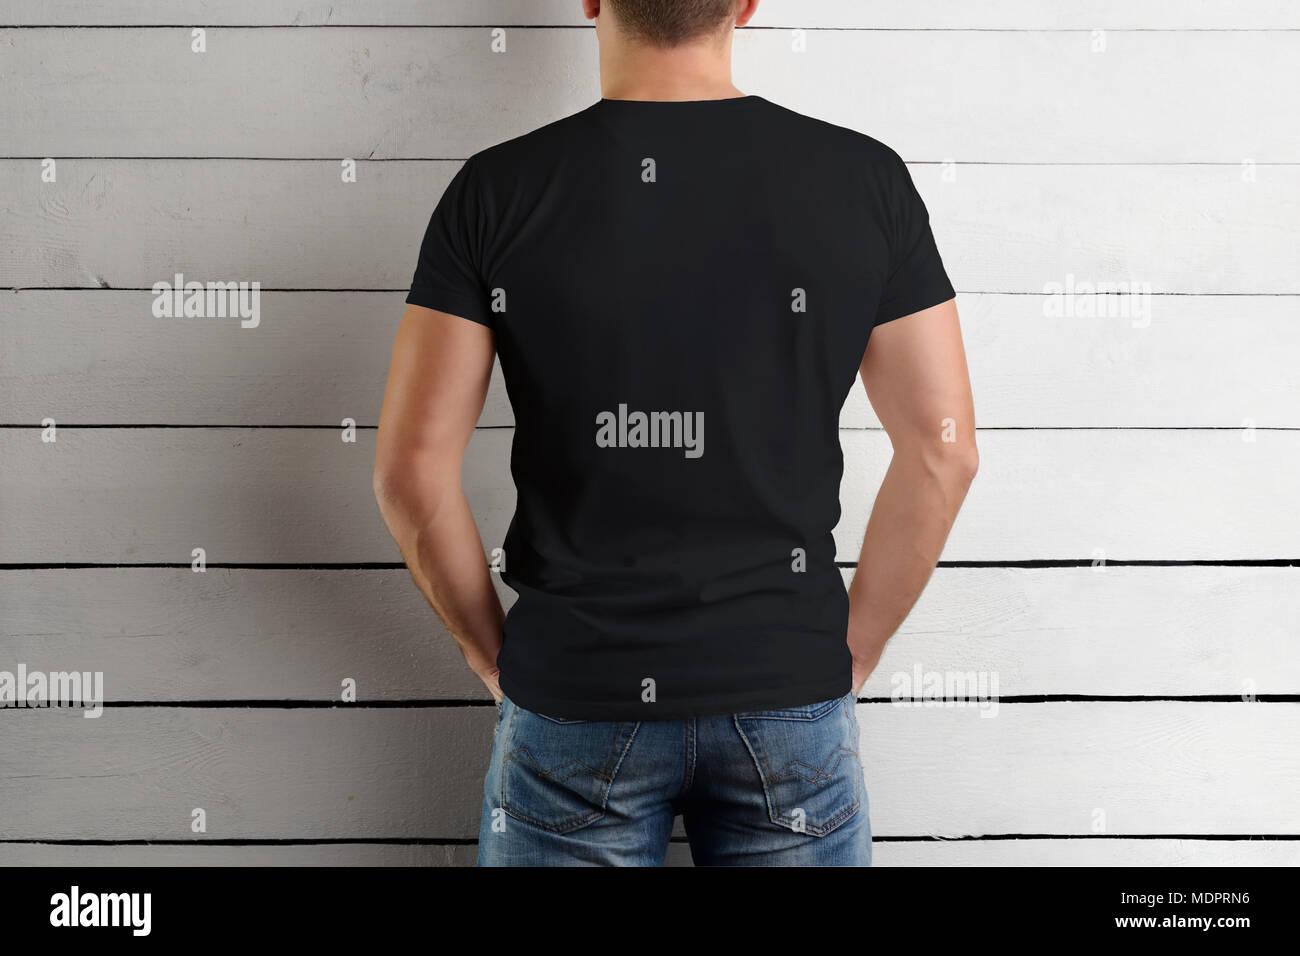 Famoso Plantillas De Camiseta Negra Colección - Ejemplo De ...